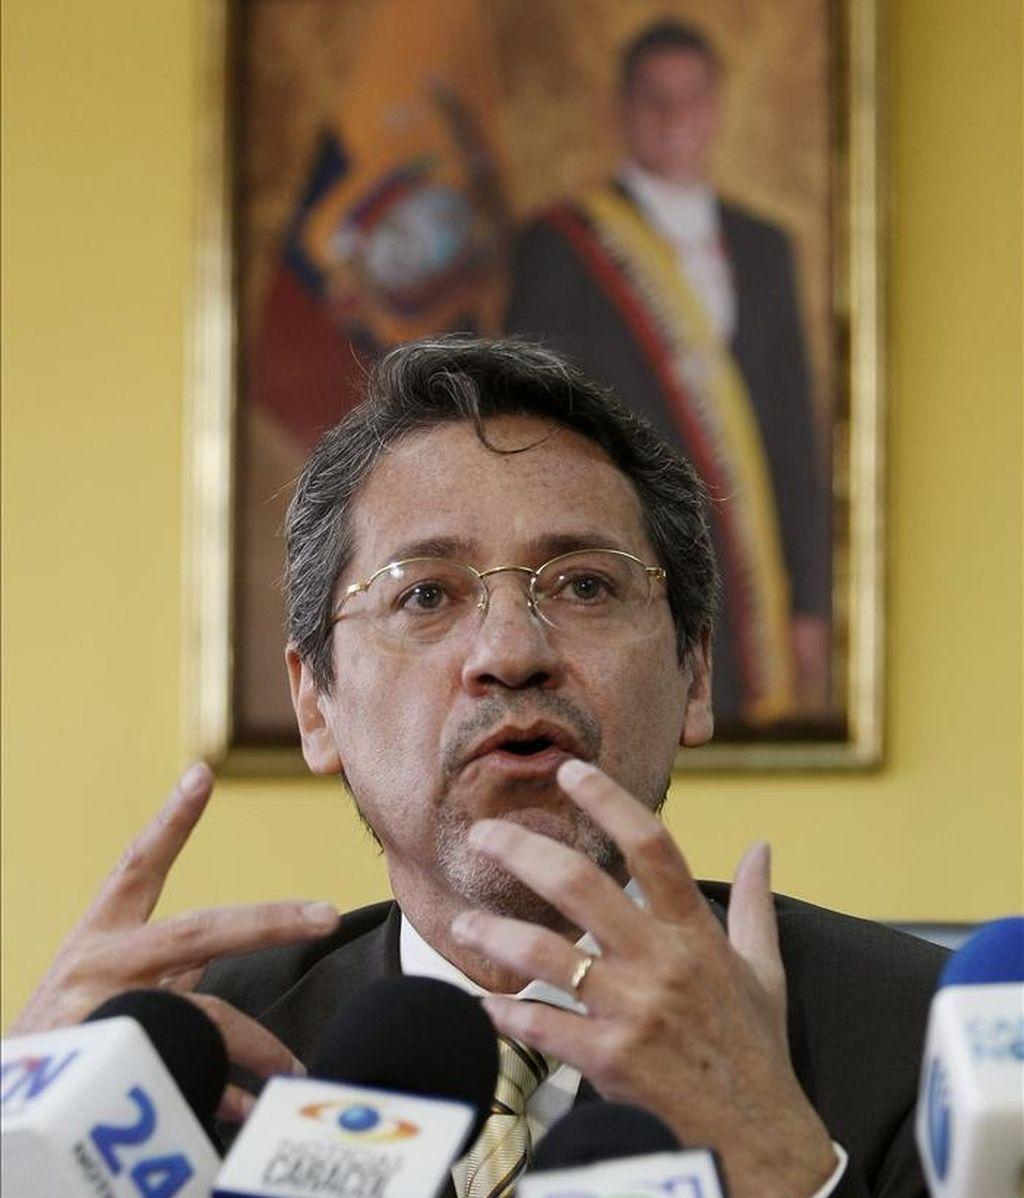 El nuevo embajador ecuatoriano en Bogotá, Raúl Vallejo, llegó a Bogotá el pasado 5 y no hubo actos oficiales, ya que el presidente Santos no lo pudo recibir por estar atendiendo la emergencia causada por las lluvias. EFE/Archivo